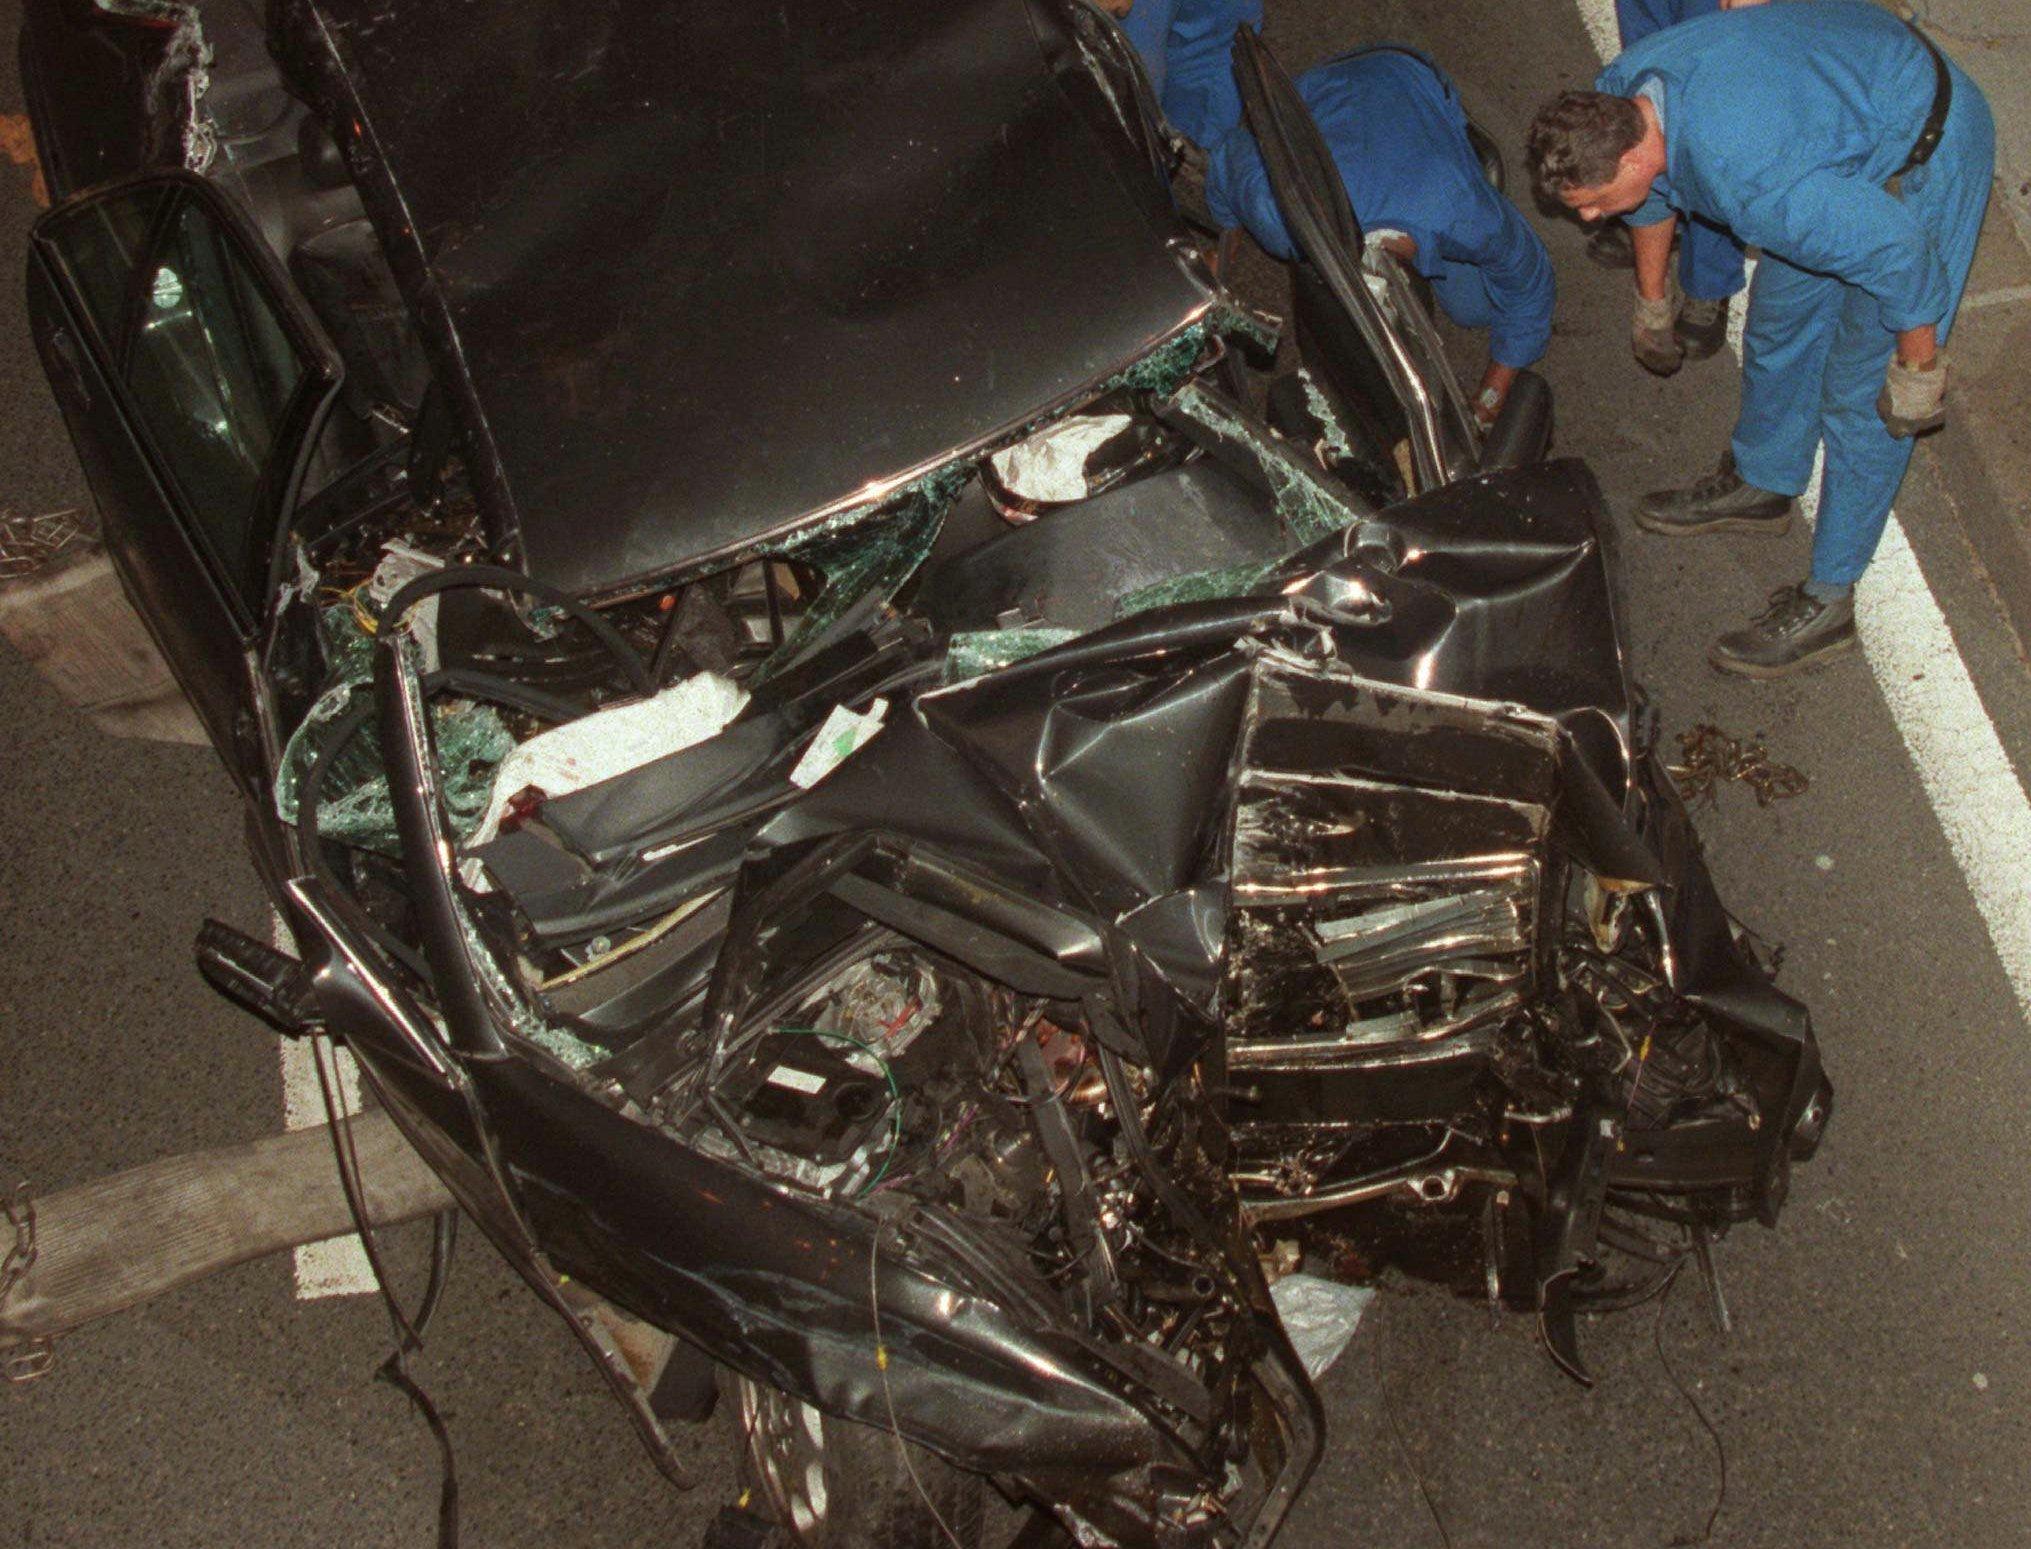 مرسيدس الأميرة ديانا المحطم بعد الحادث